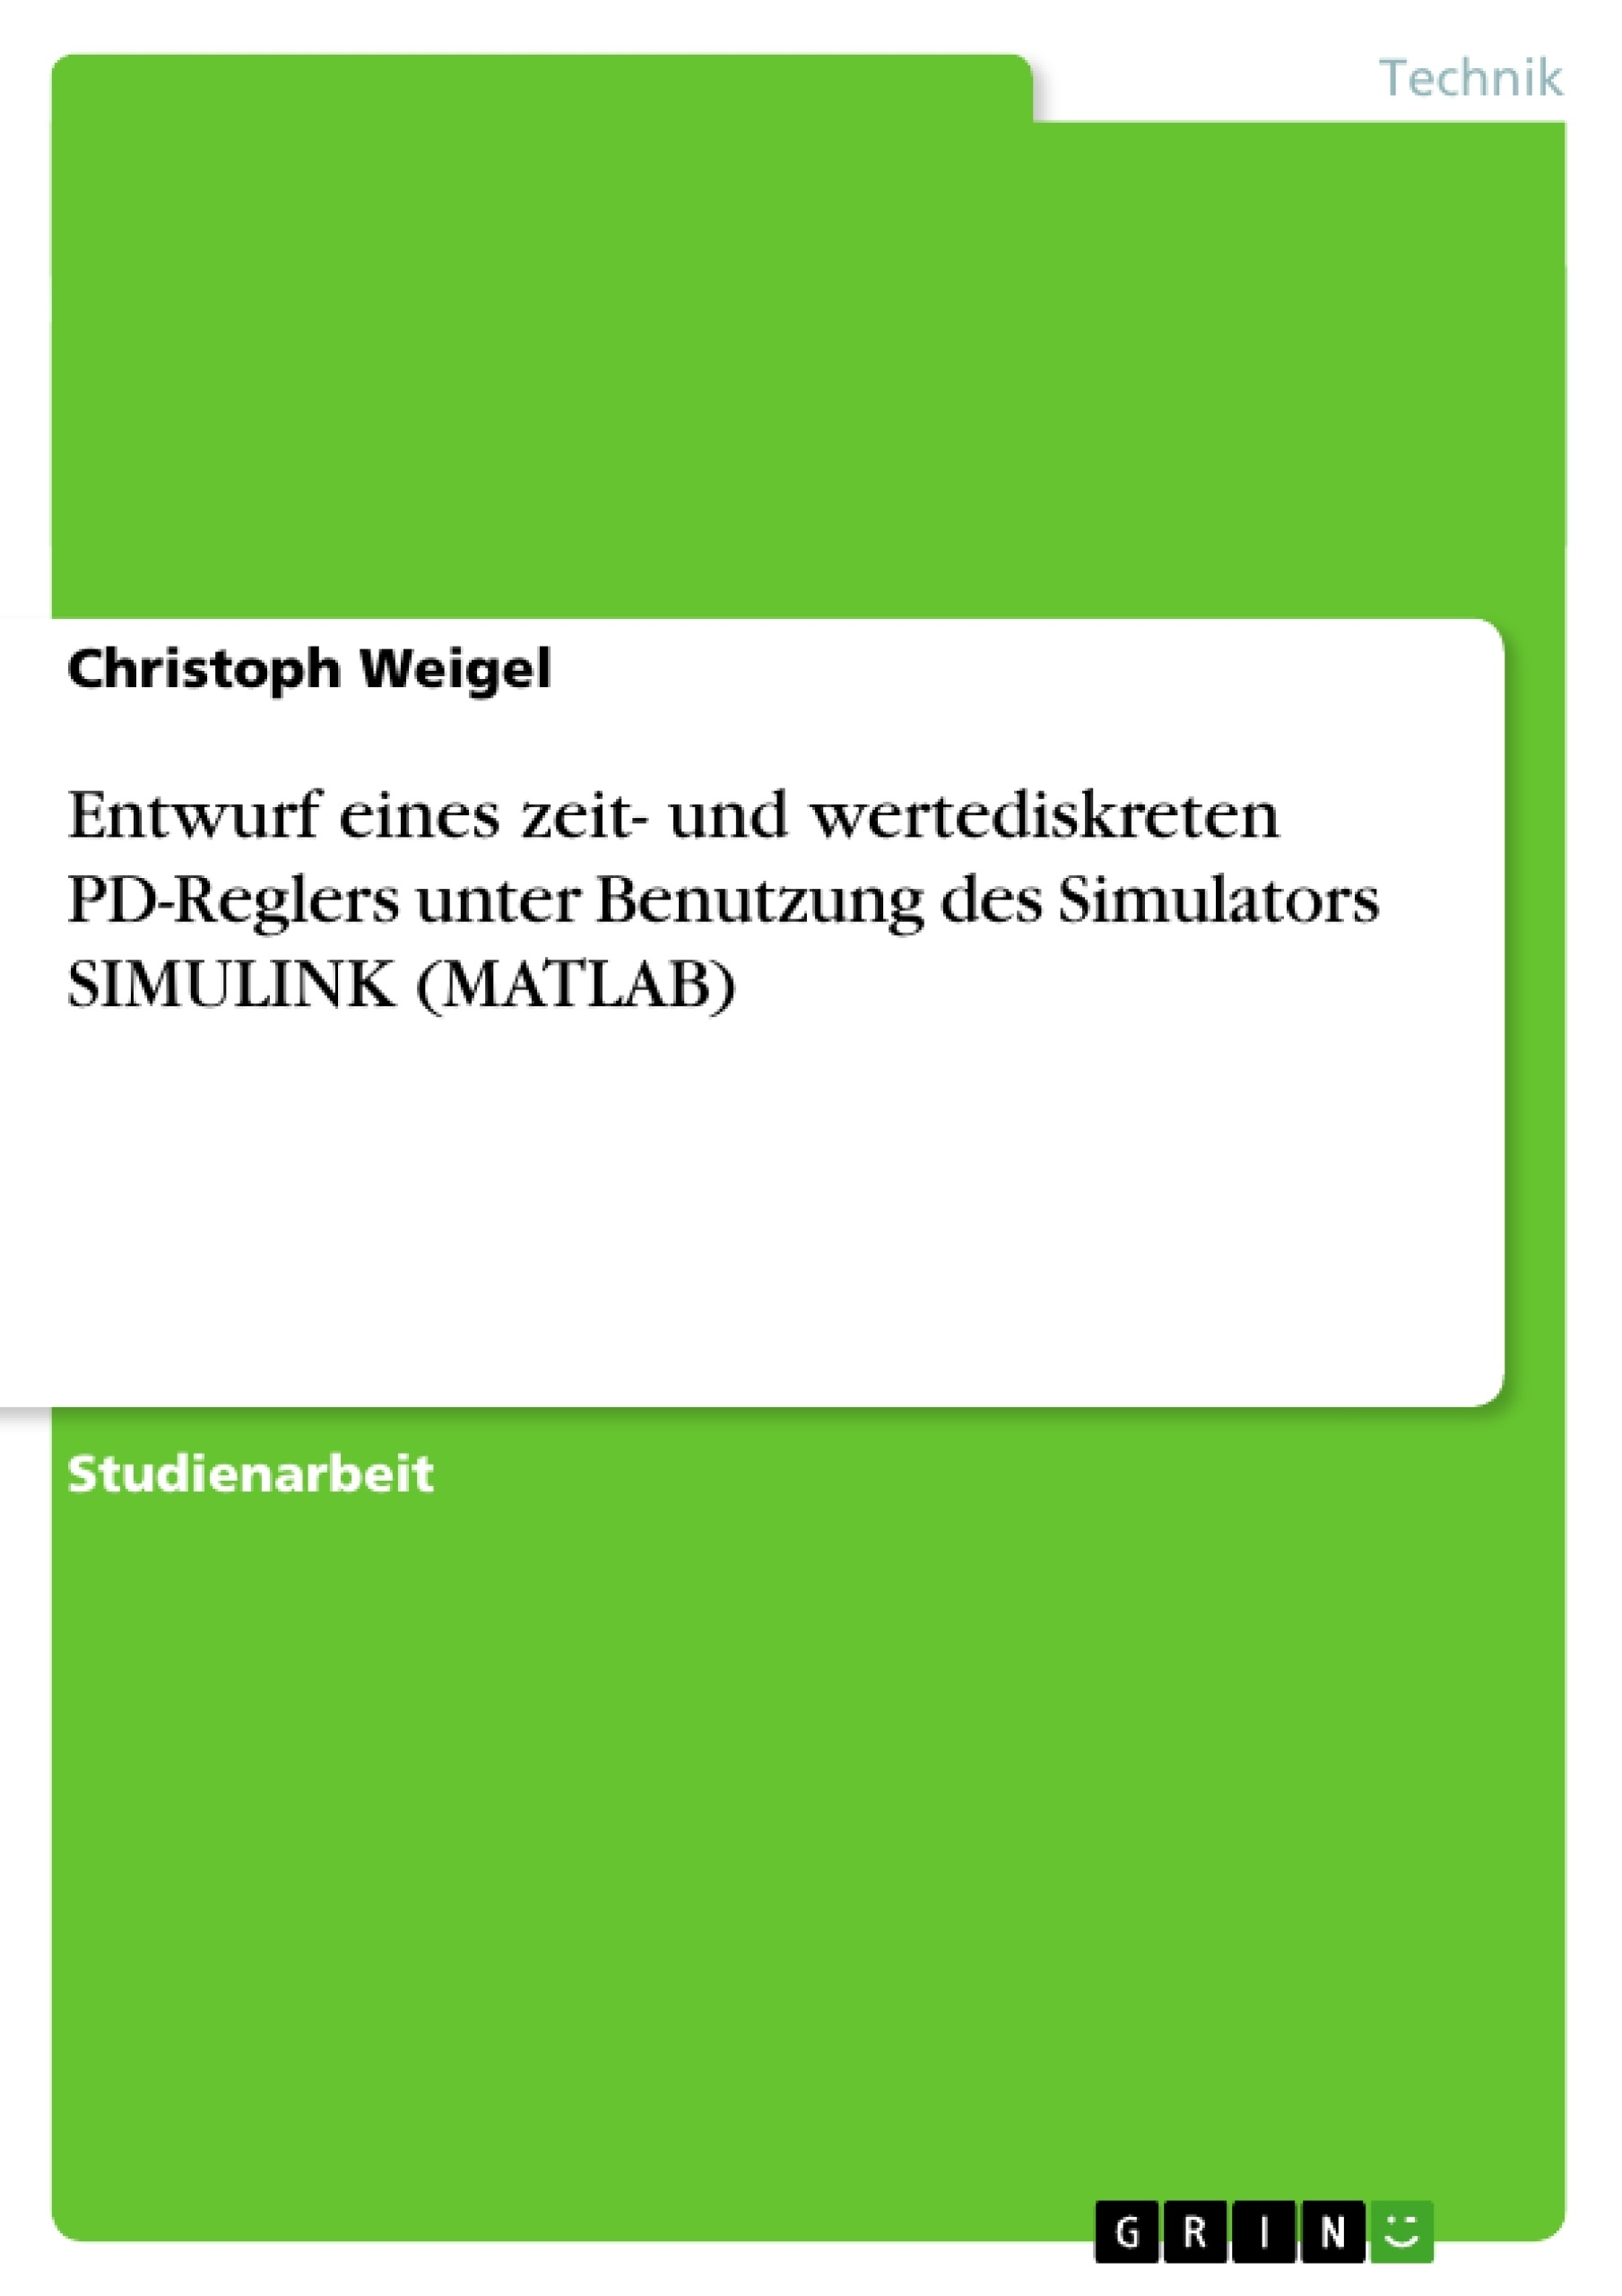 Titel: Entwurf eines zeit- und wertediskreten PD-Reglers unter Benutzung des Simulators SIMULINK (MATLAB)